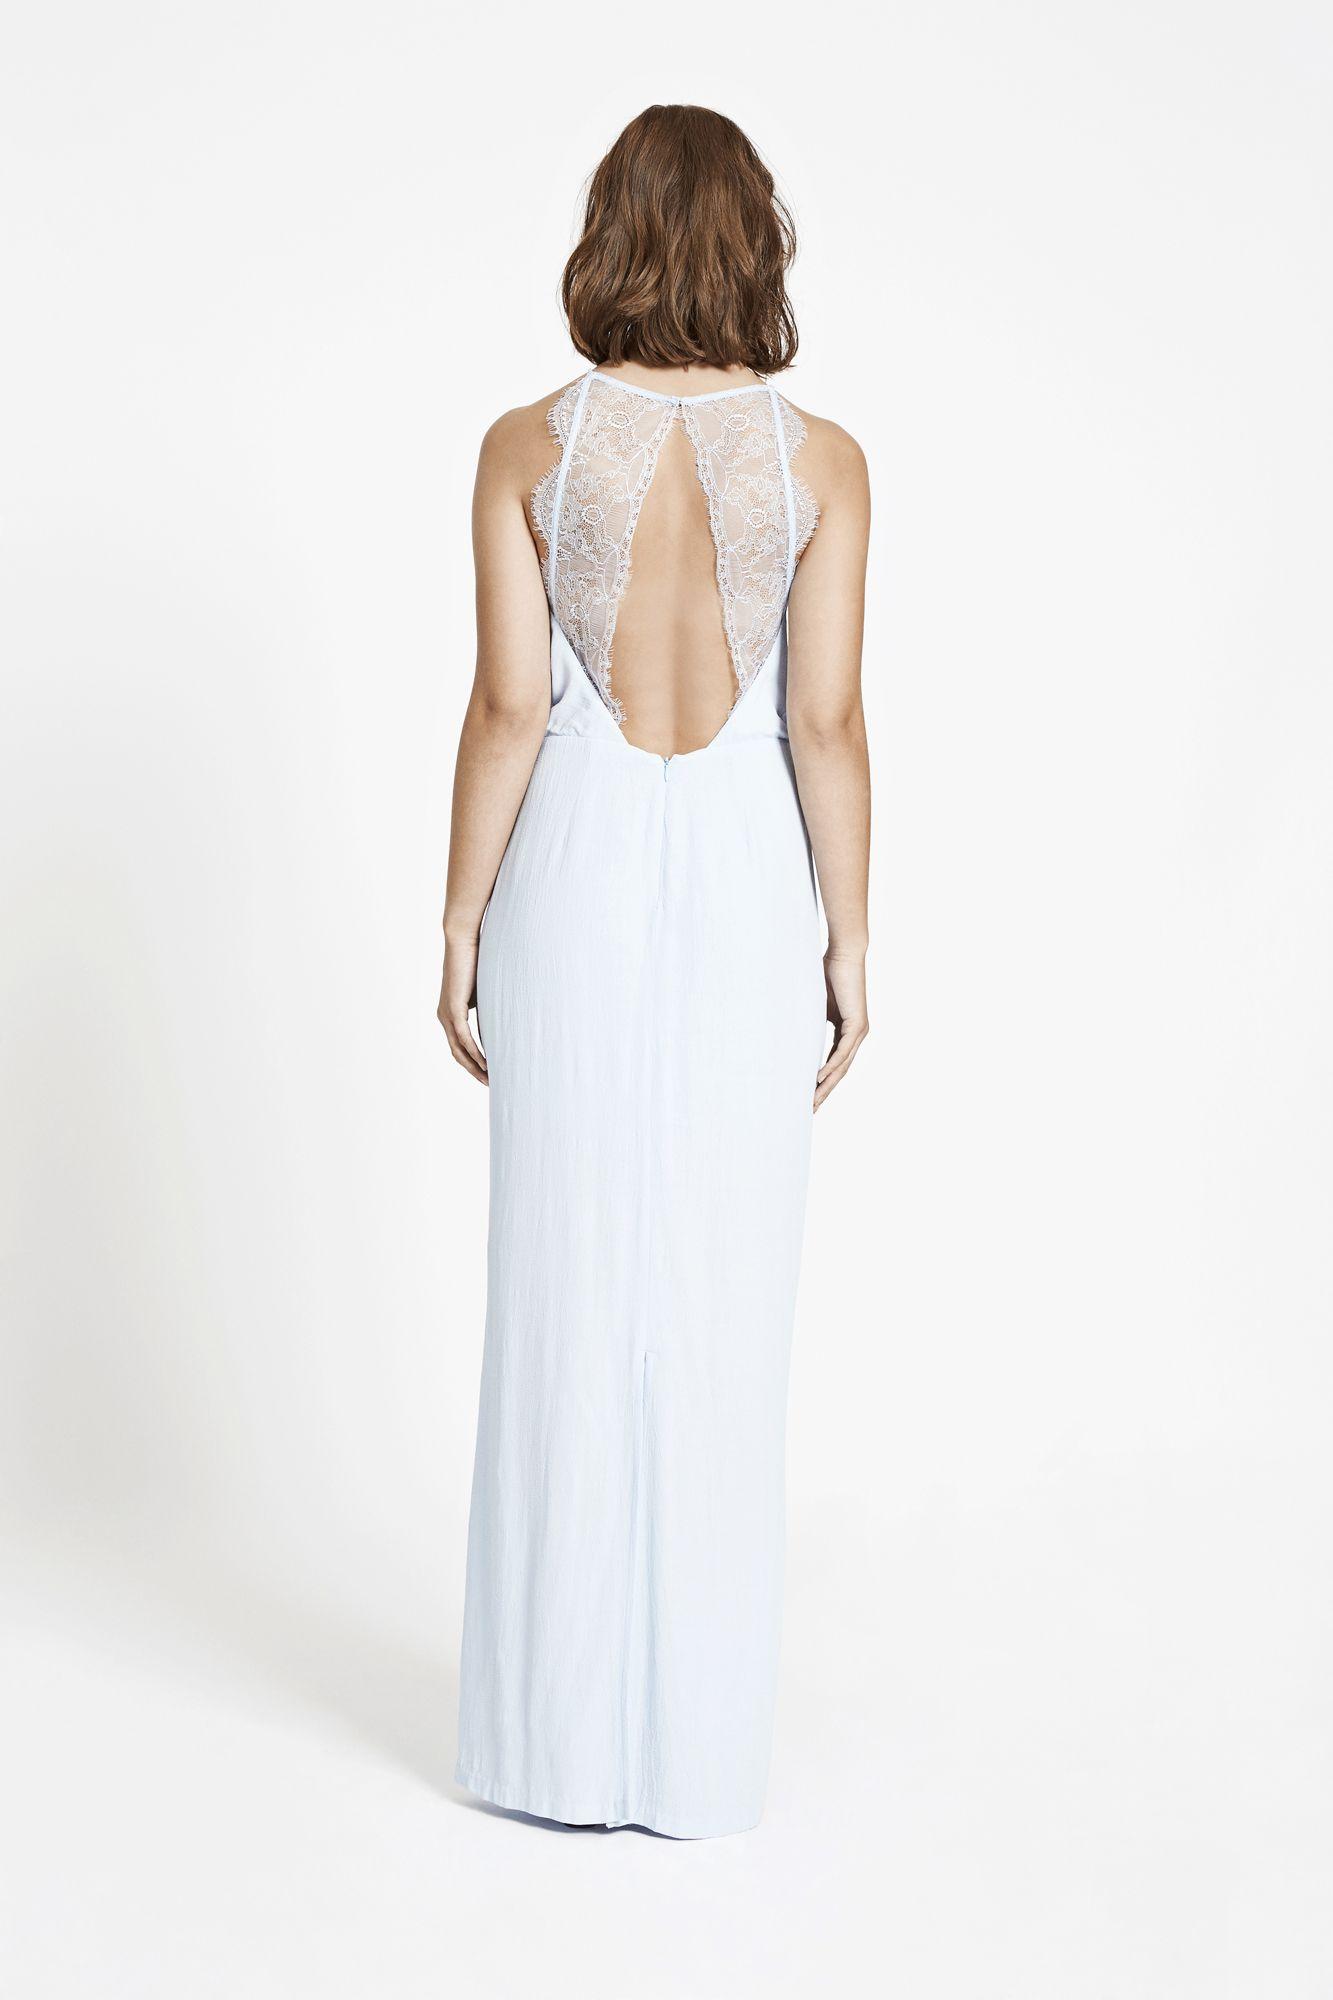 08e37f1a84f1 Willow dress long 5687 - 4   Samsøe Samsøe   Dresses, Formal dresses ...